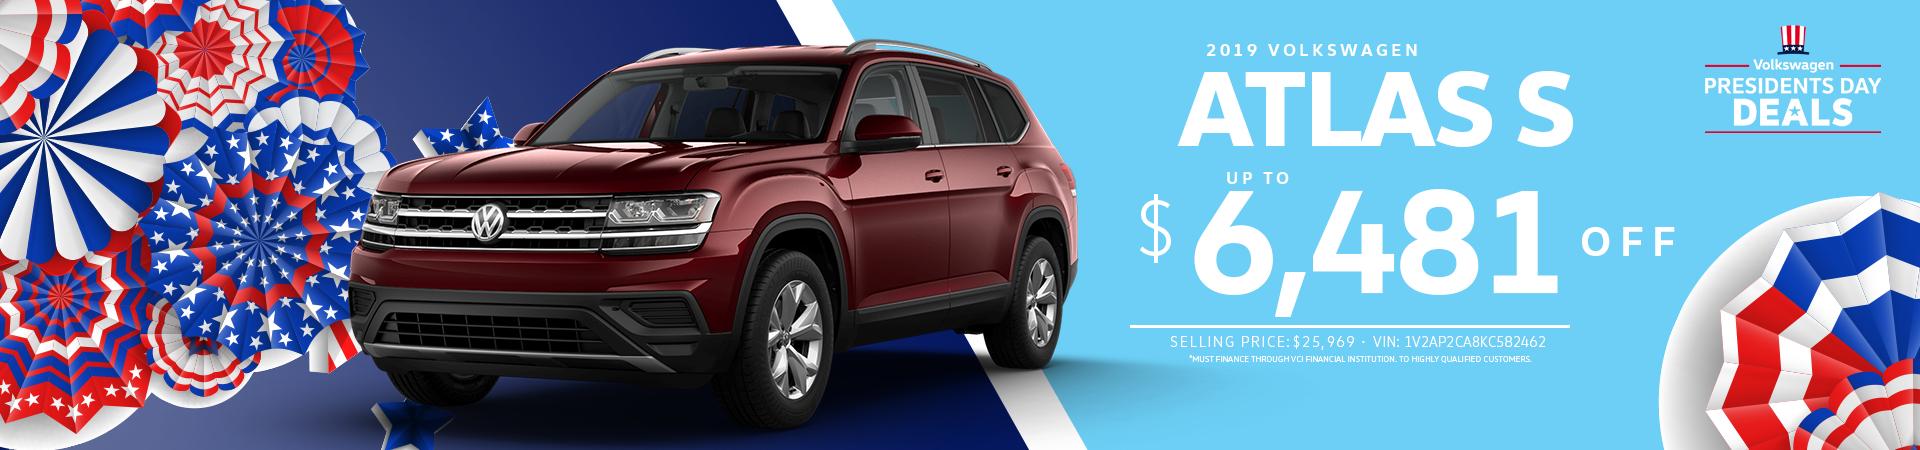 Up to $6481 off 2019 Volkswagen Atlas S